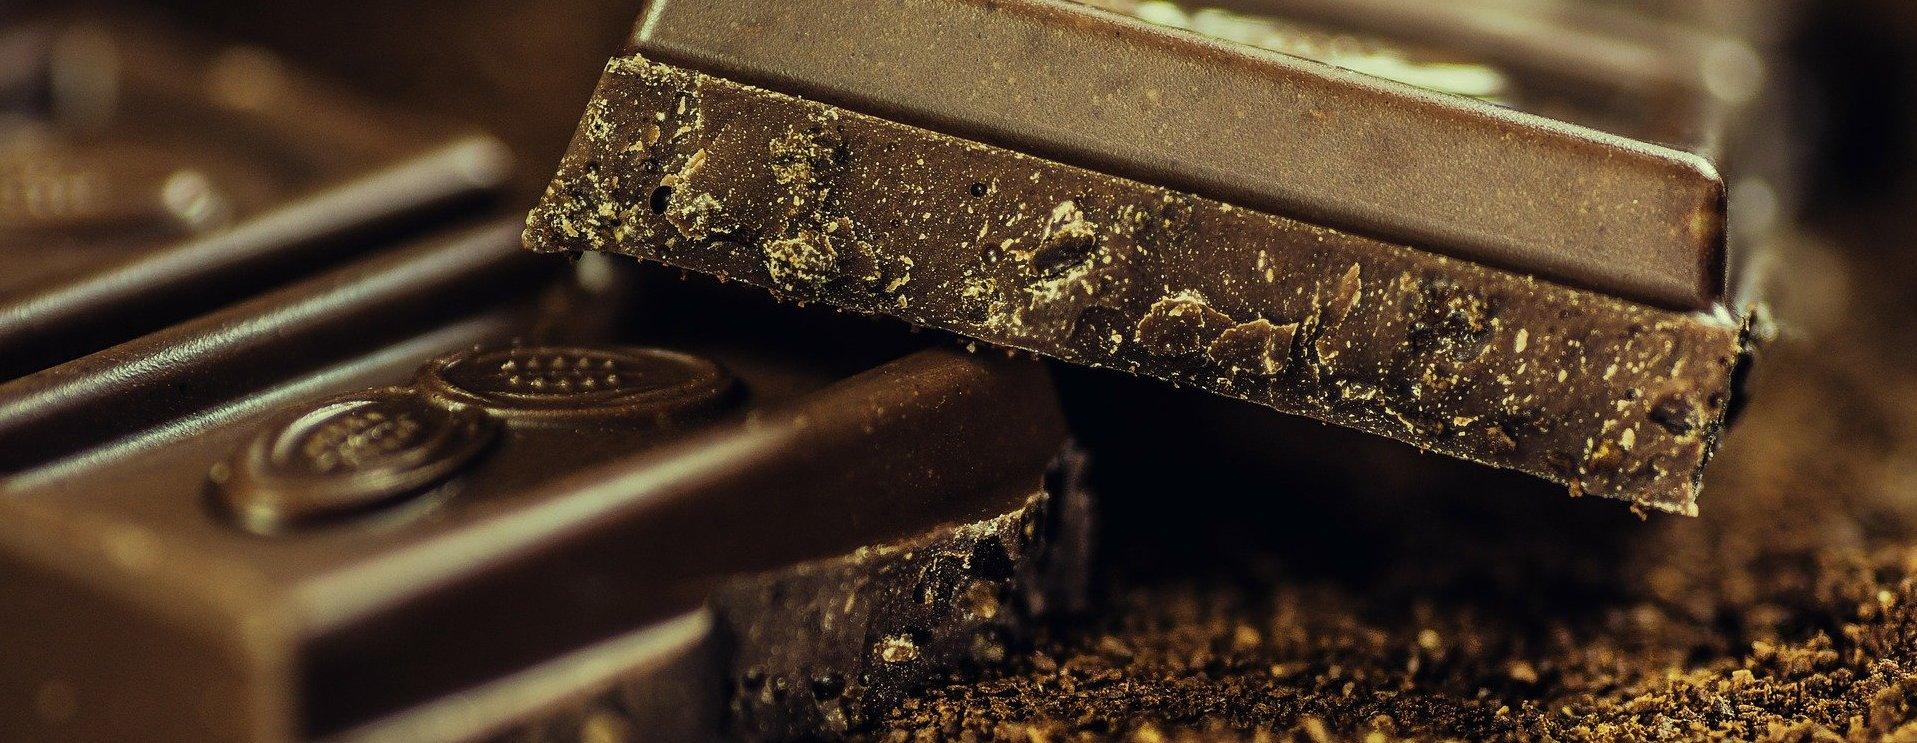 Новый завод по производству шоколада открыли на Кубани